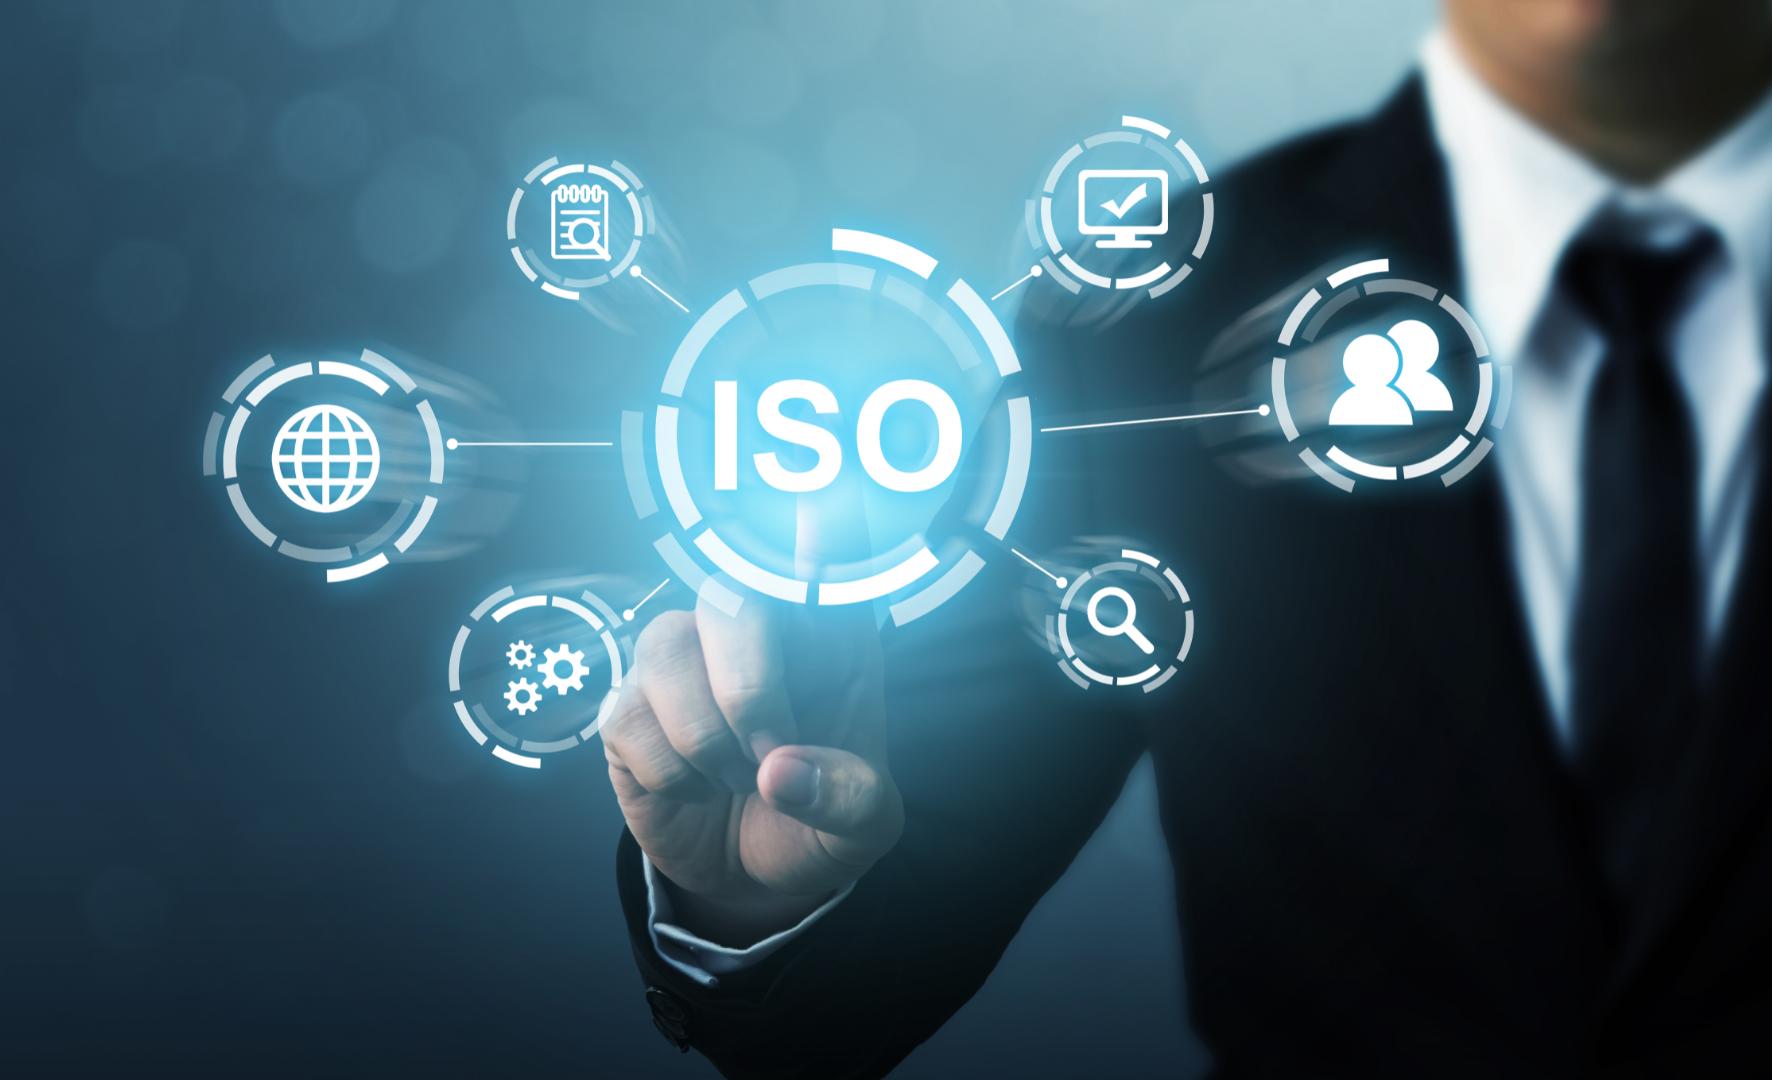 Gestão da qualidade em alinhamento com as normas ISO